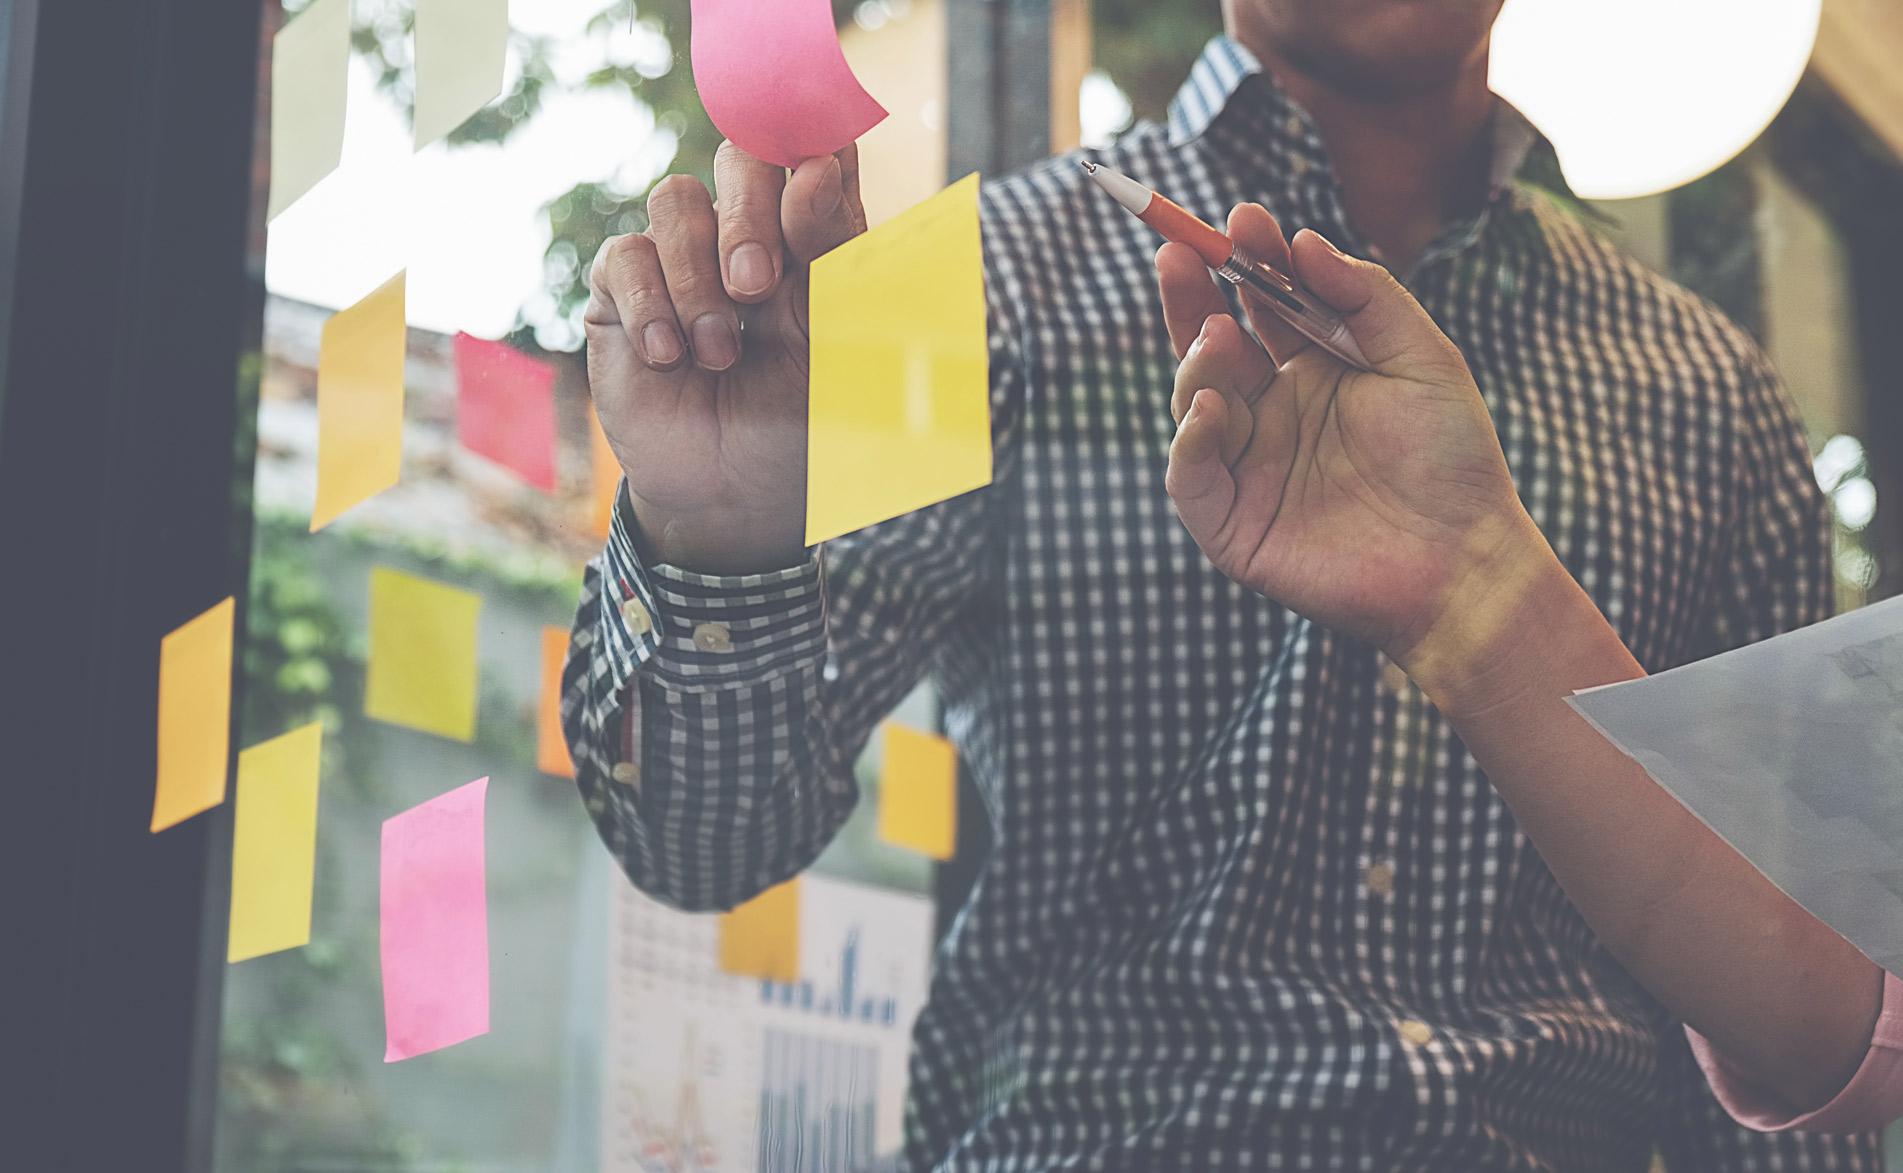 用力行銷與認真創作那個比較重要?